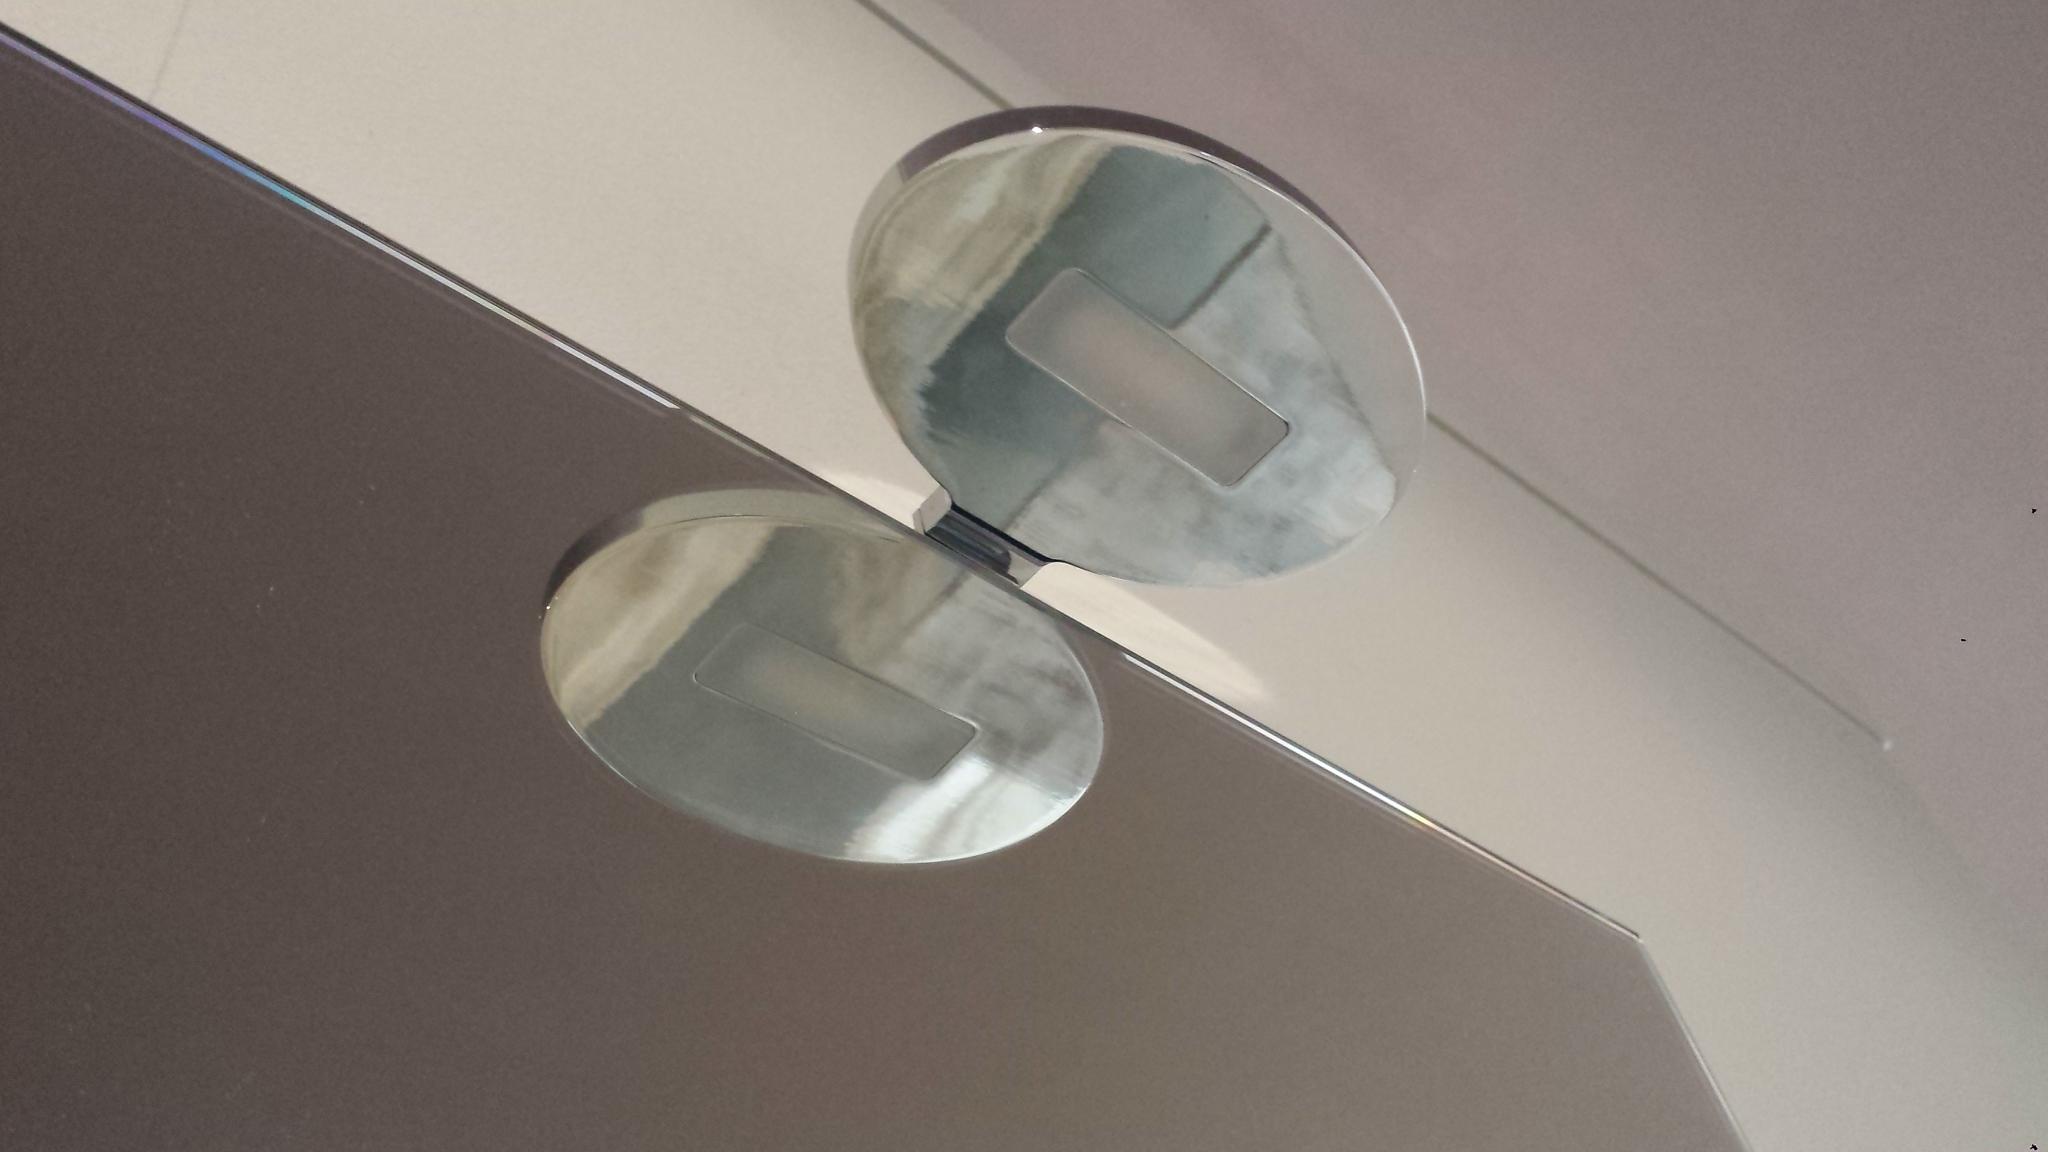 Mobili bagno rinnovo esposizione idee di design per la casa for Vendita mobili bagno da esposizione